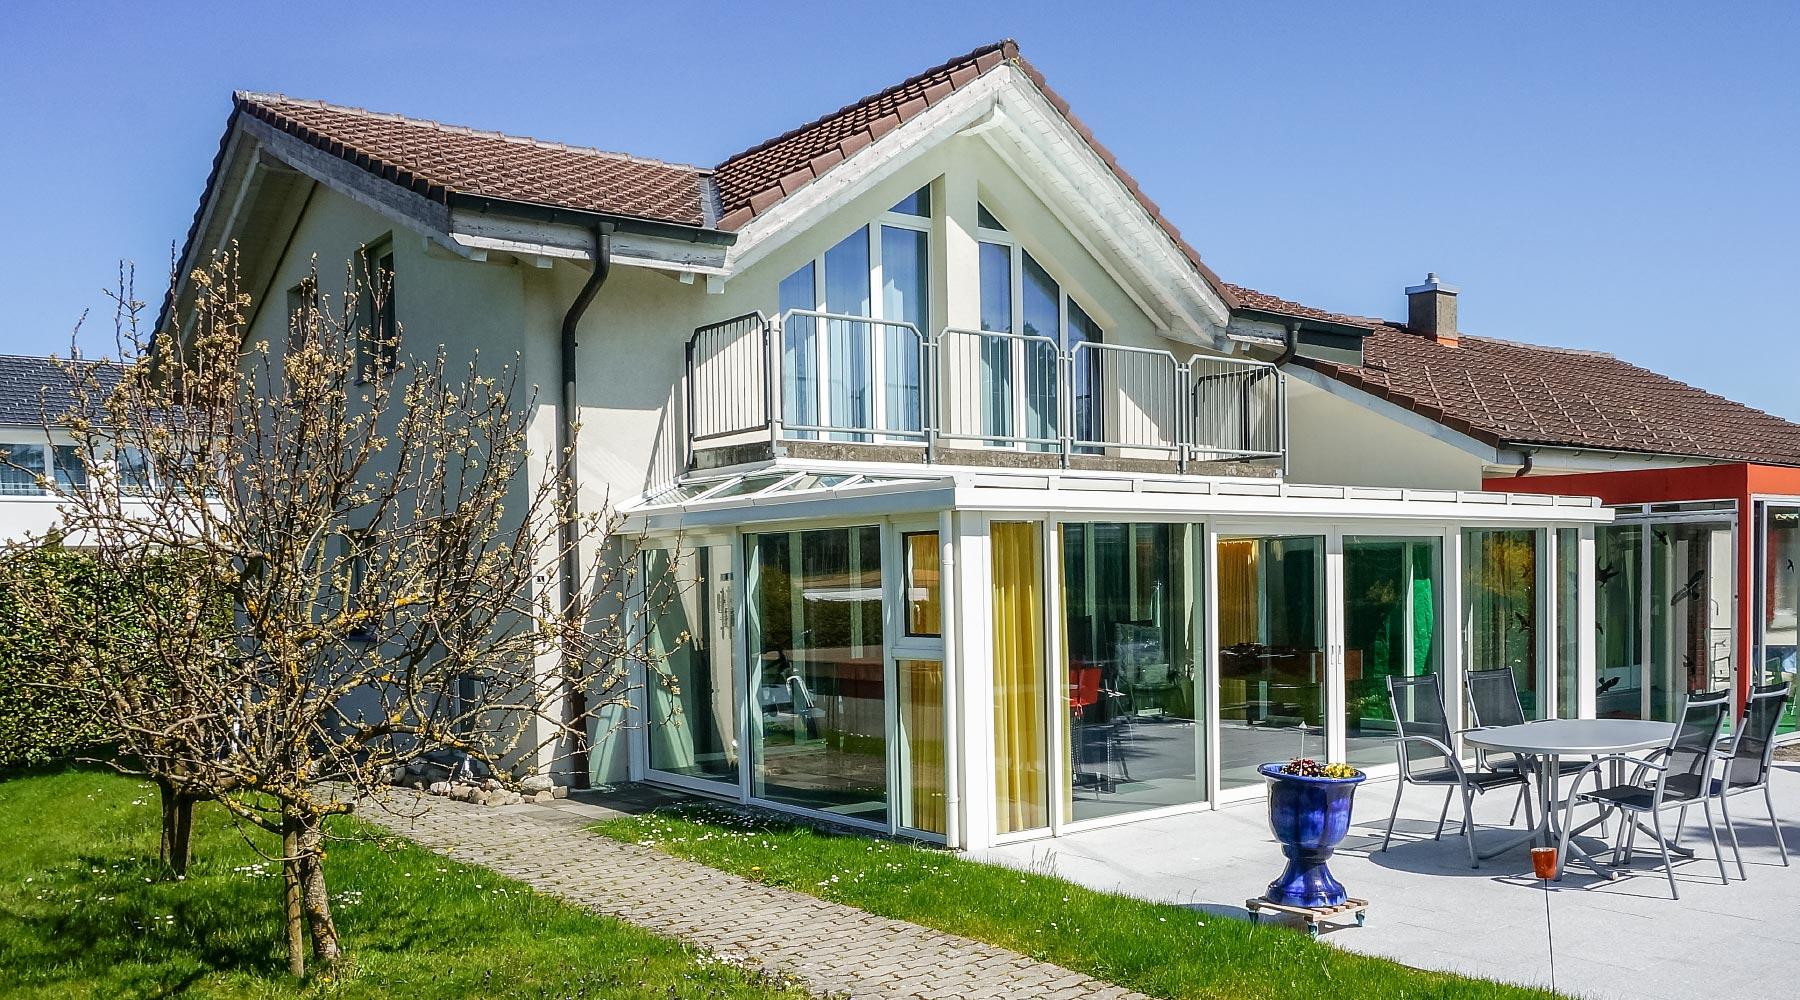 wintergarten schweiz wintergartenbau referenzobjekte schweiz. Black Bedroom Furniture Sets. Home Design Ideas